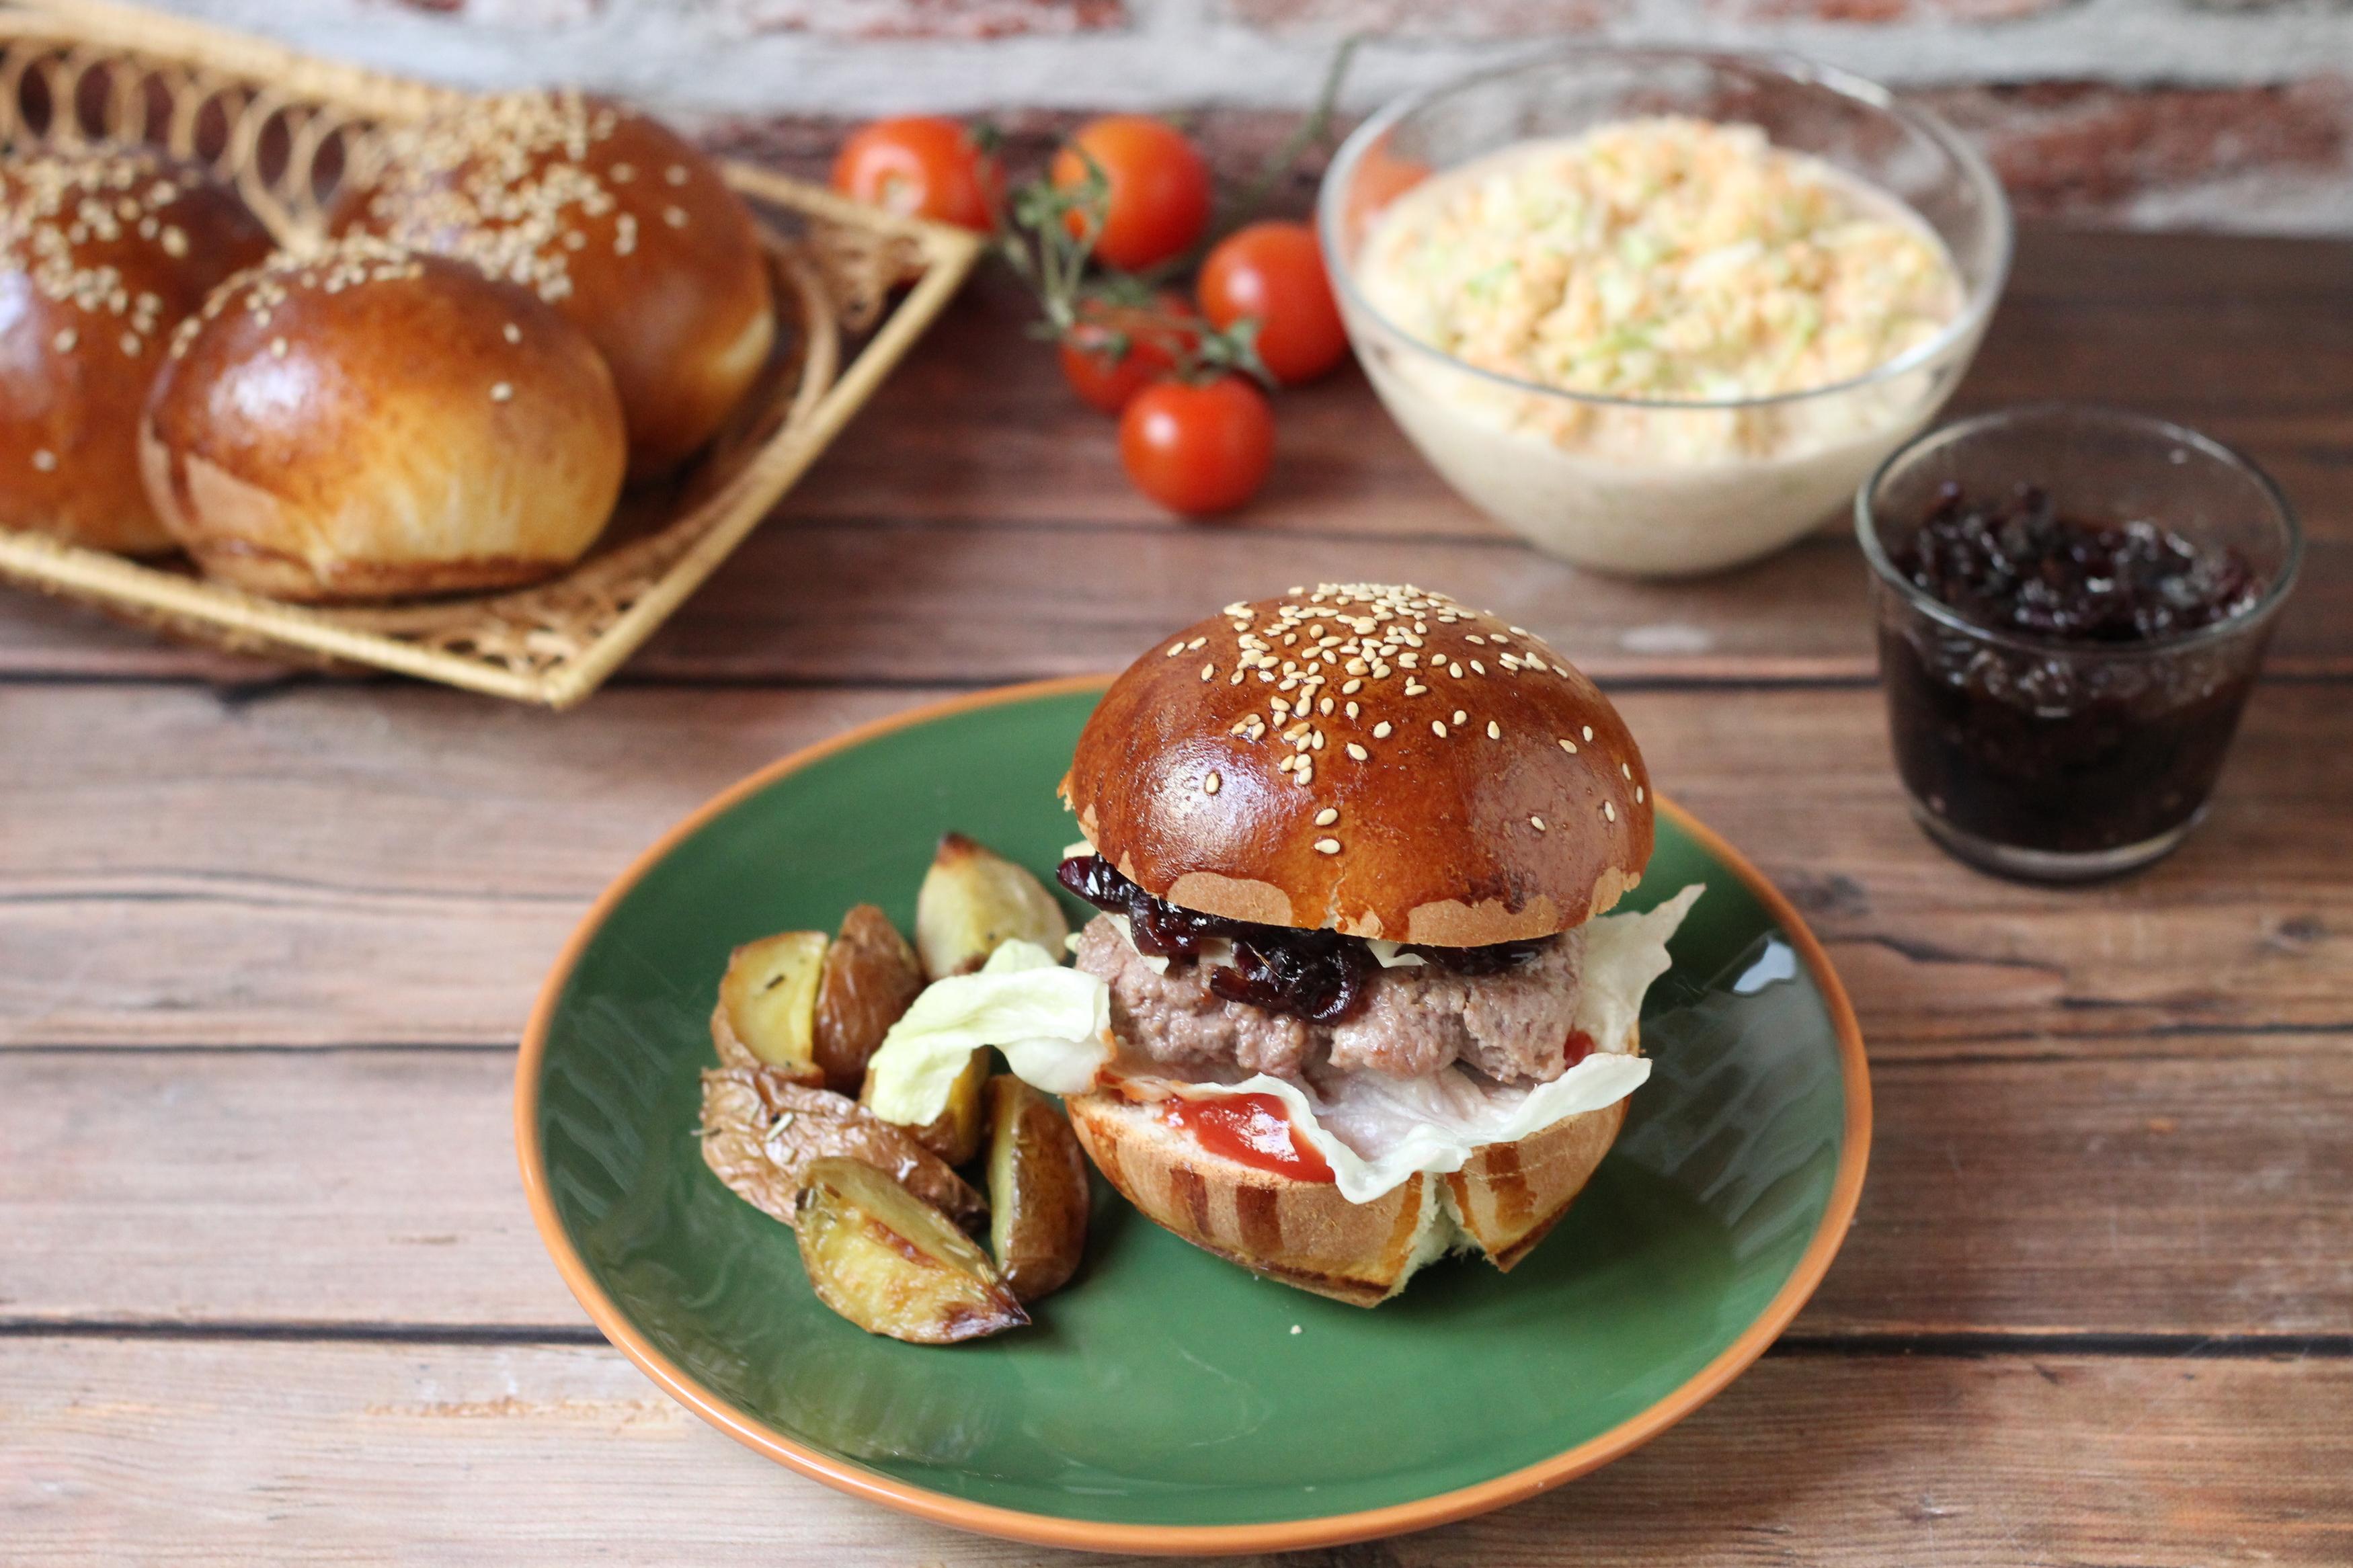 Hamburger a grillről - Elő a grillekkel és süss hamburgert!